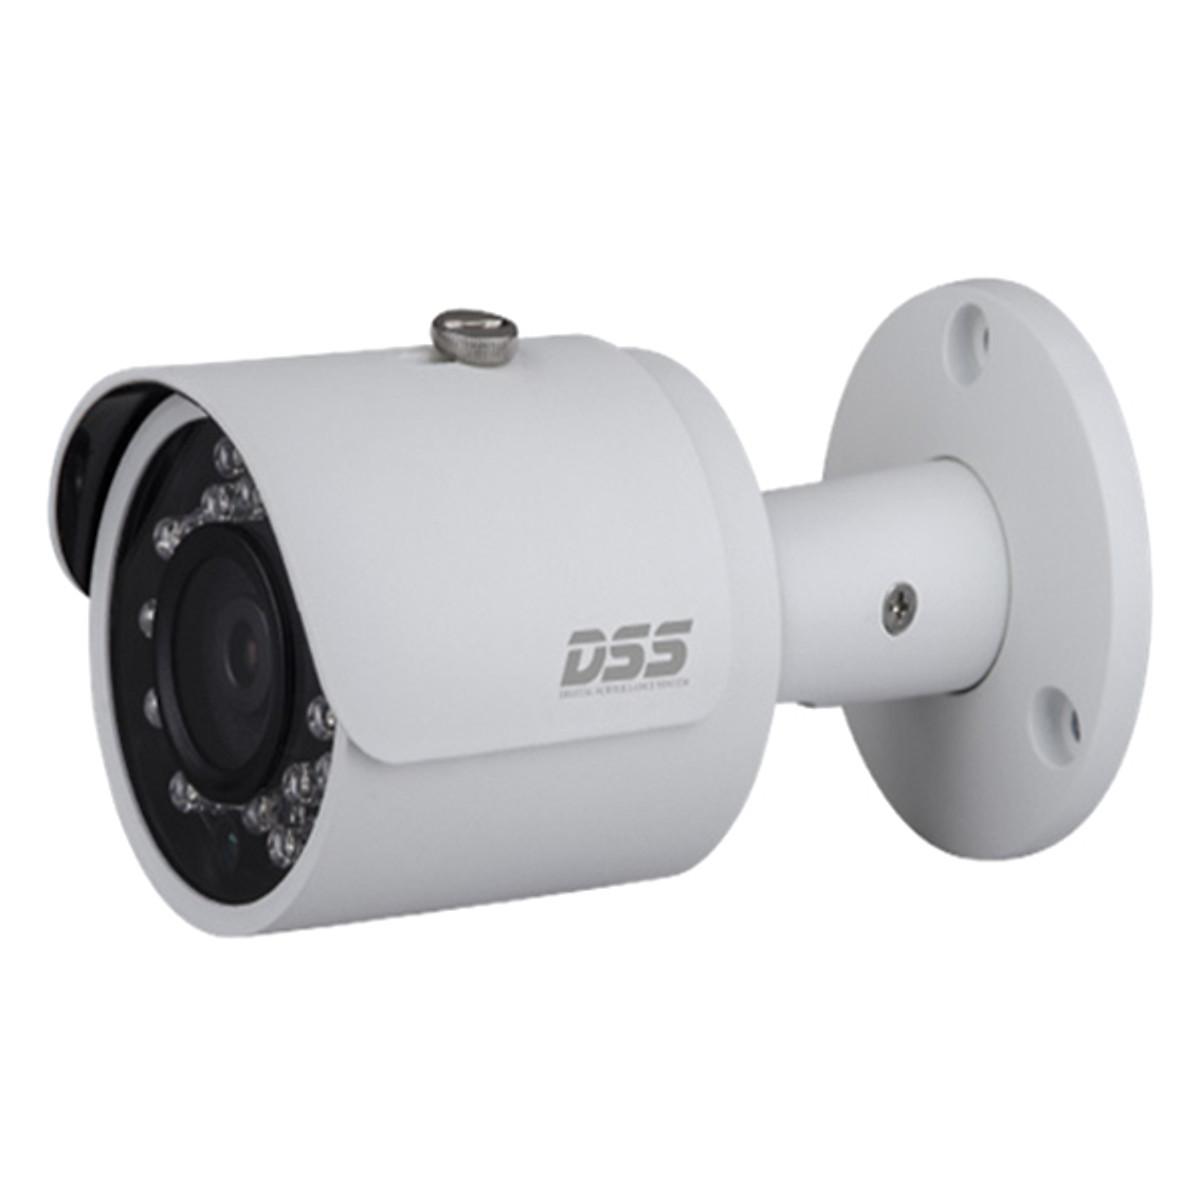 Camera Dahua DS2130FIP 1.0 Megapixel, Micro LED IR 30m, F2.8mm Góc Nhìn 81 Độ, Poe, Onvif – Hàng Nhập Khẩu